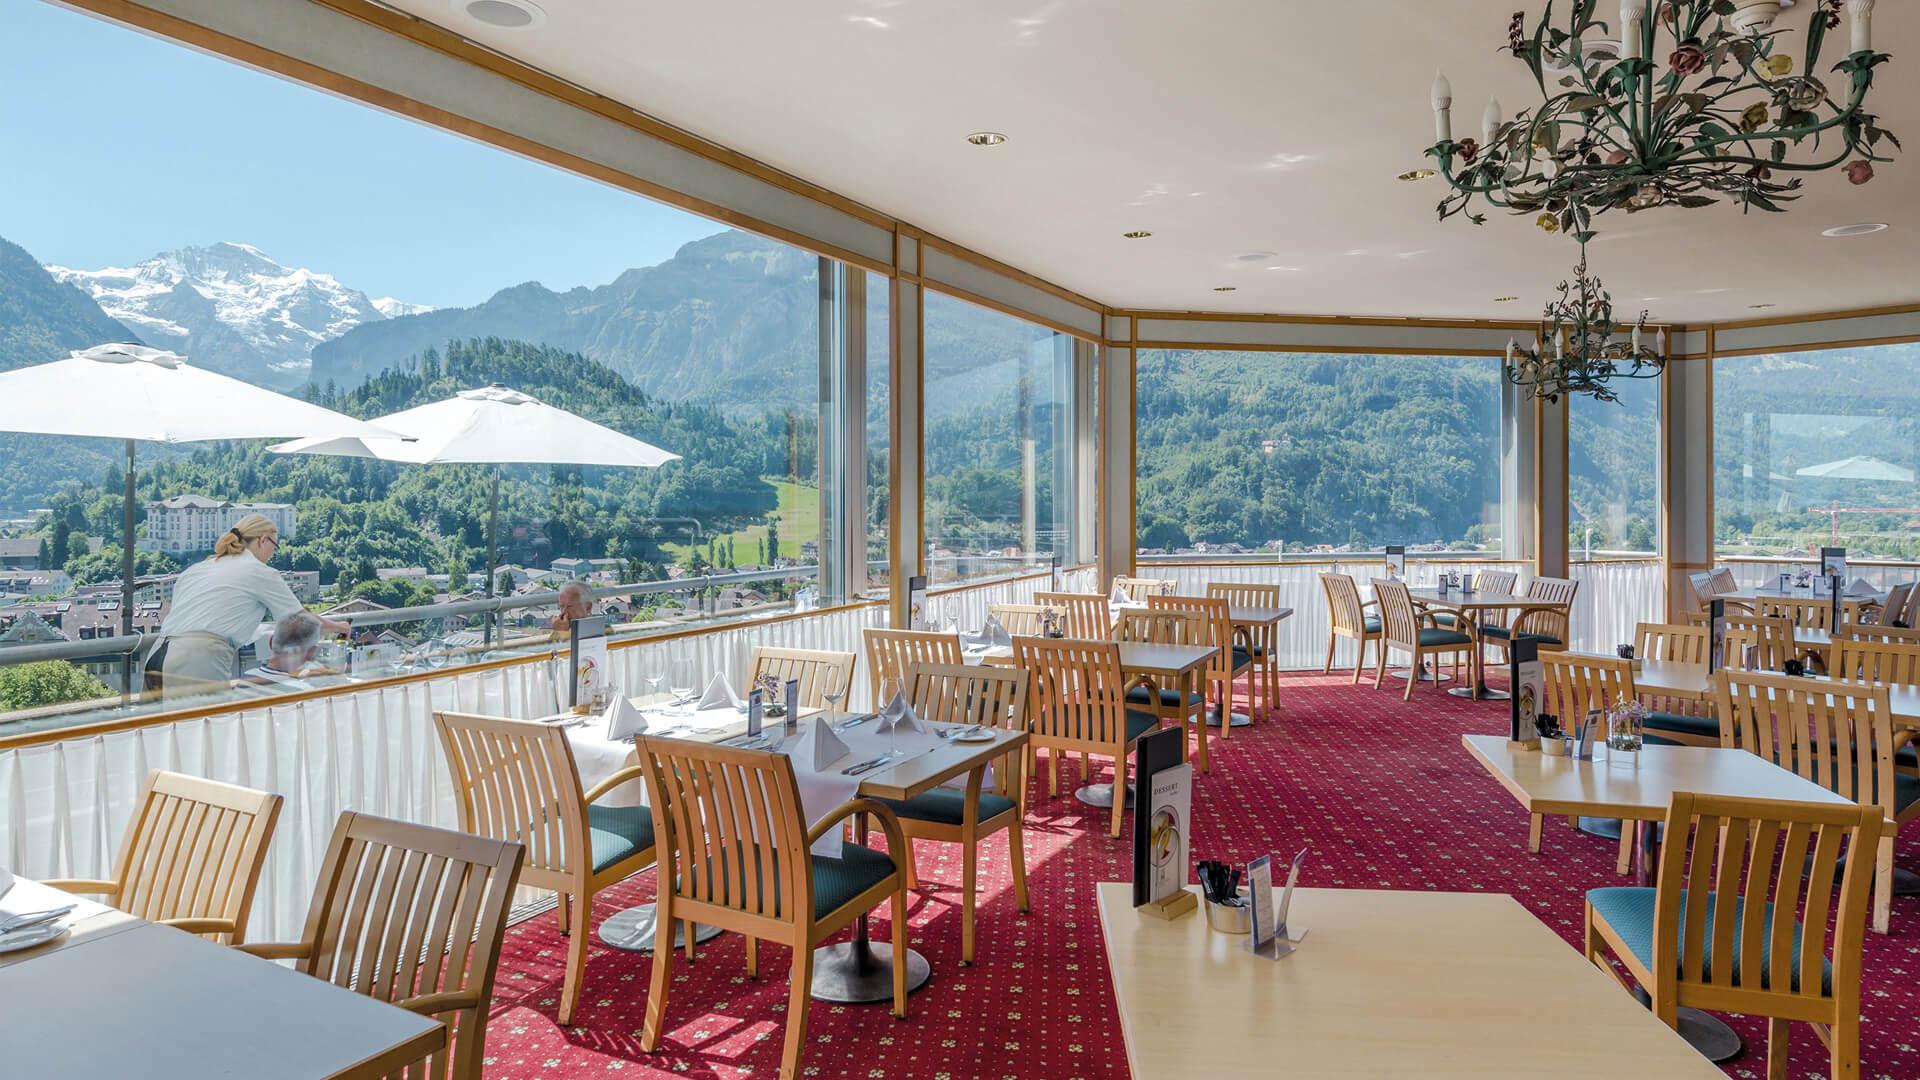 hotel-metropole-restaurant-top-o-met-innenbereich